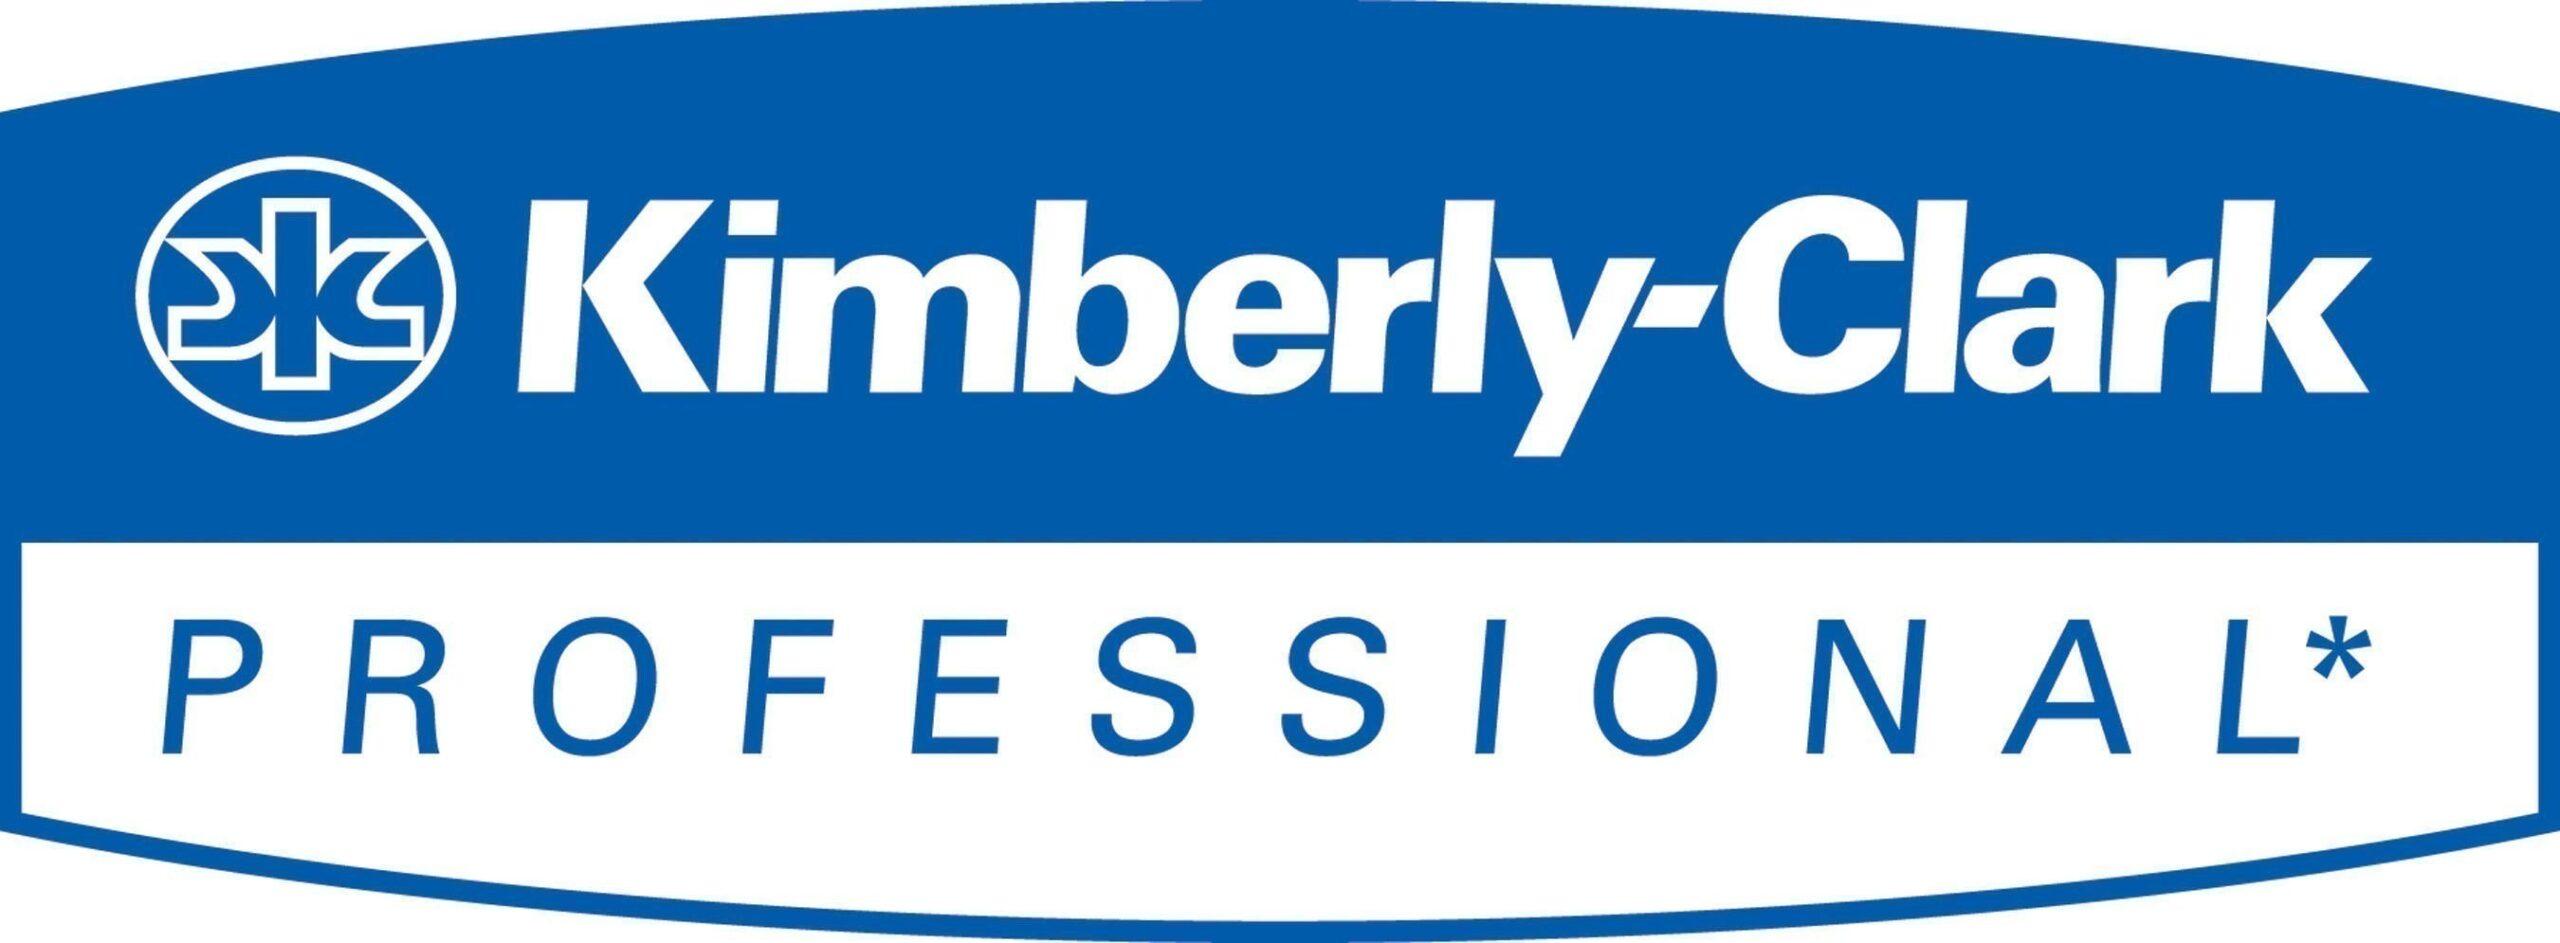 Kimberly-Clark Professional Logo. (PRNewsFoto/Kimberly-Clark Professional)